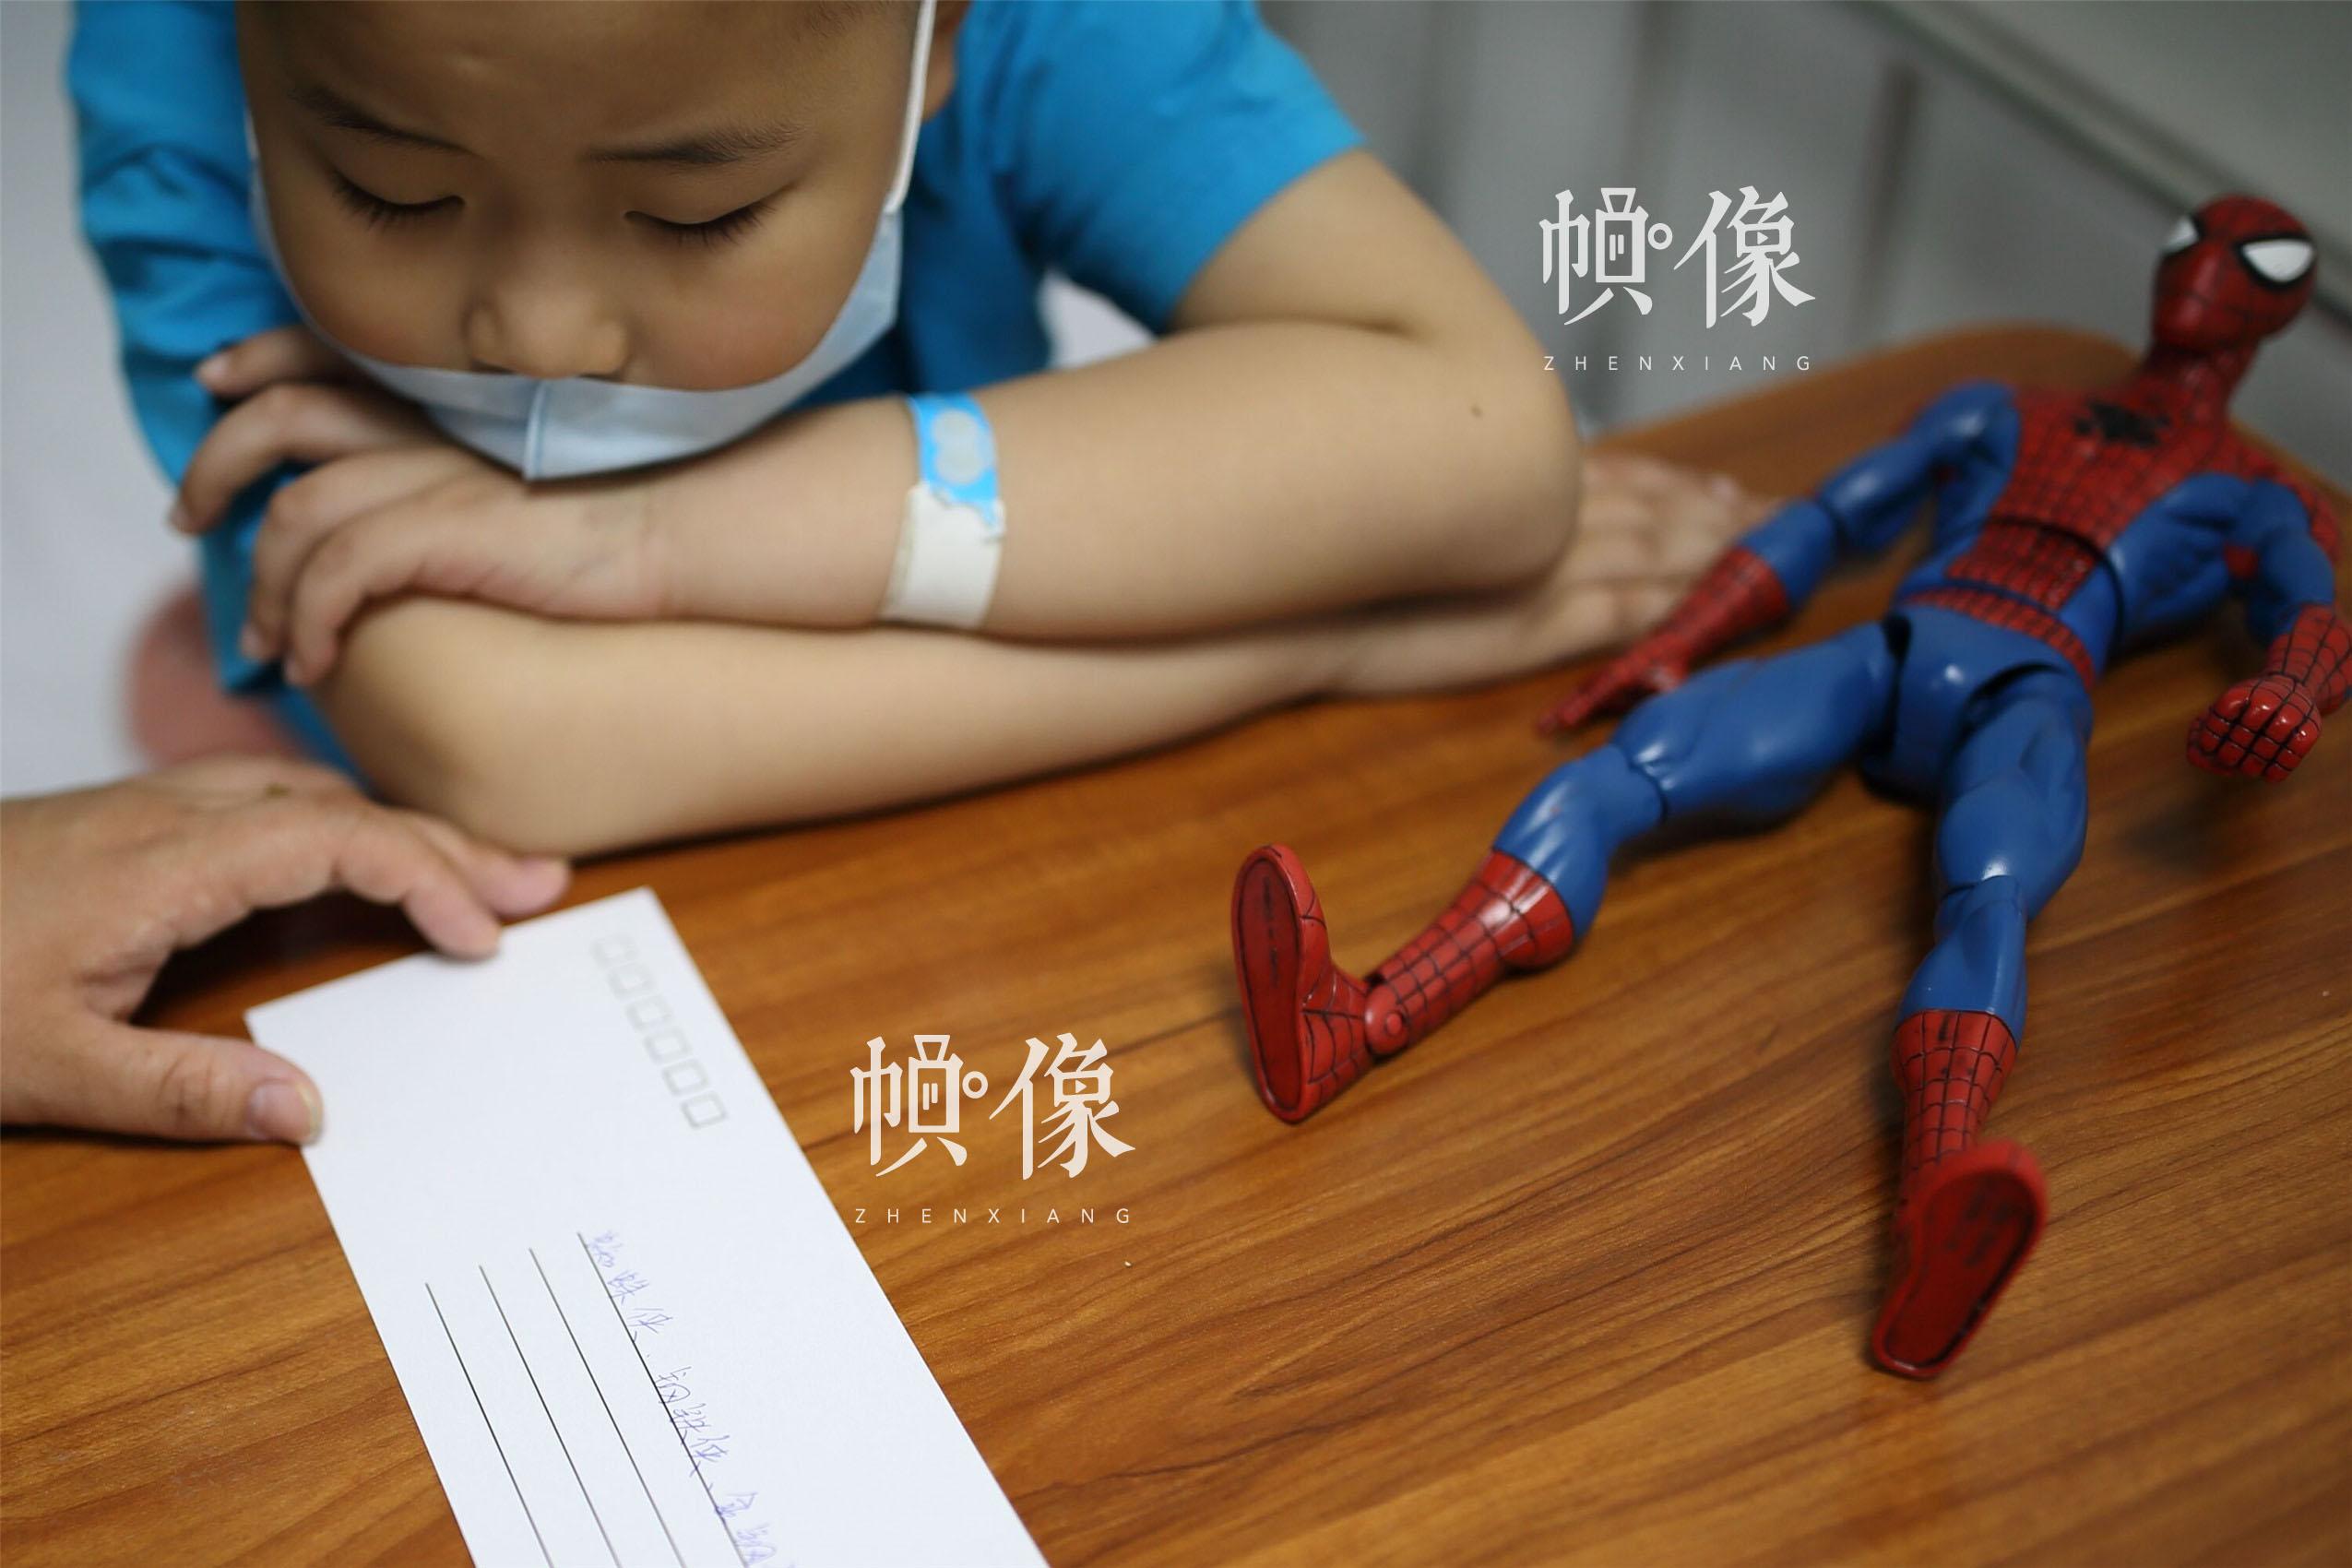 2017年5月24日,北京首都儿科研究所,当问到自己心中的英雄时,天佑说自己除了蜘蛛侠,还喜欢钢铁侠和金刚狼。中国网记者 陈维松 摄